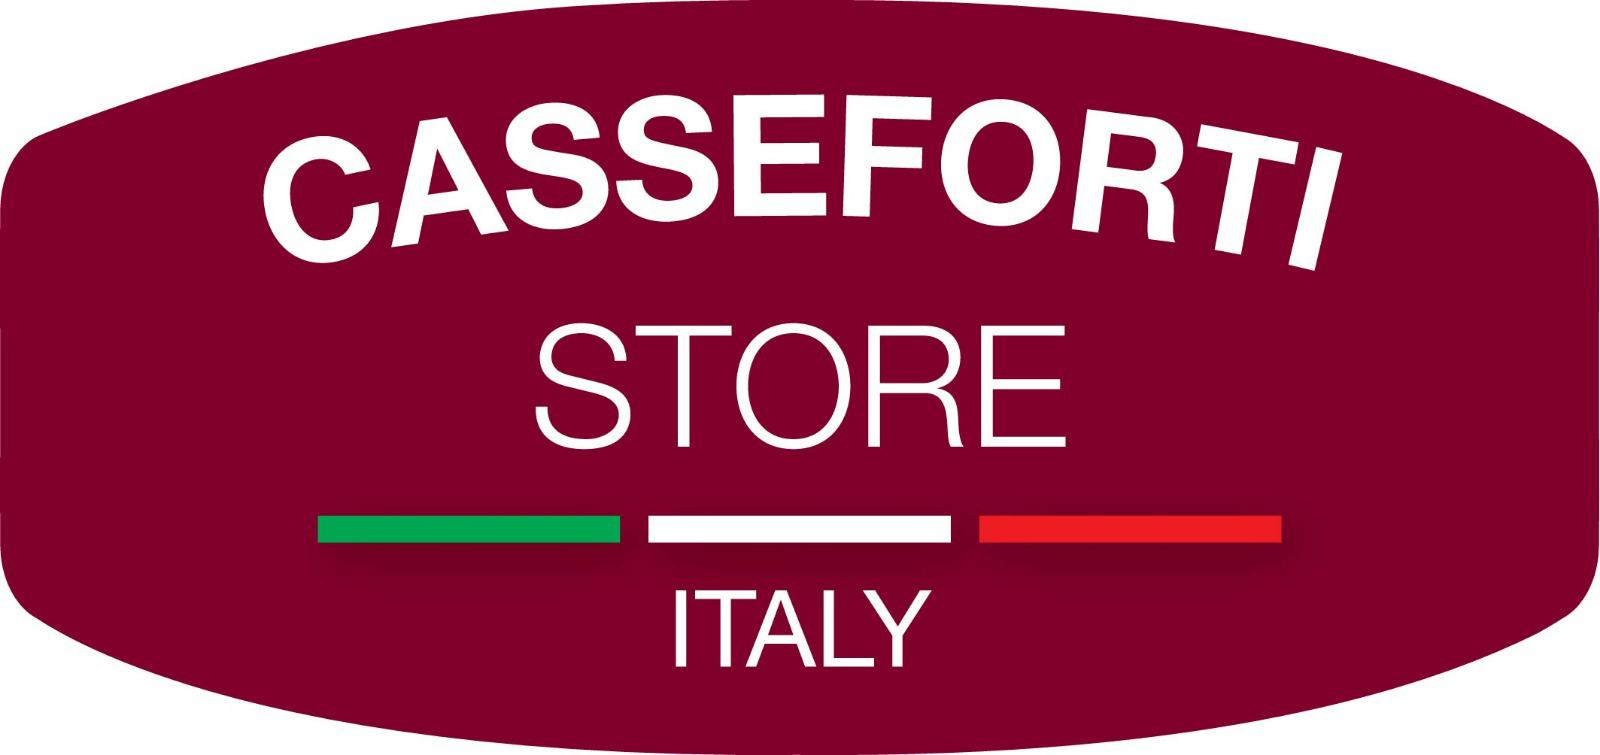 Casseforti Store